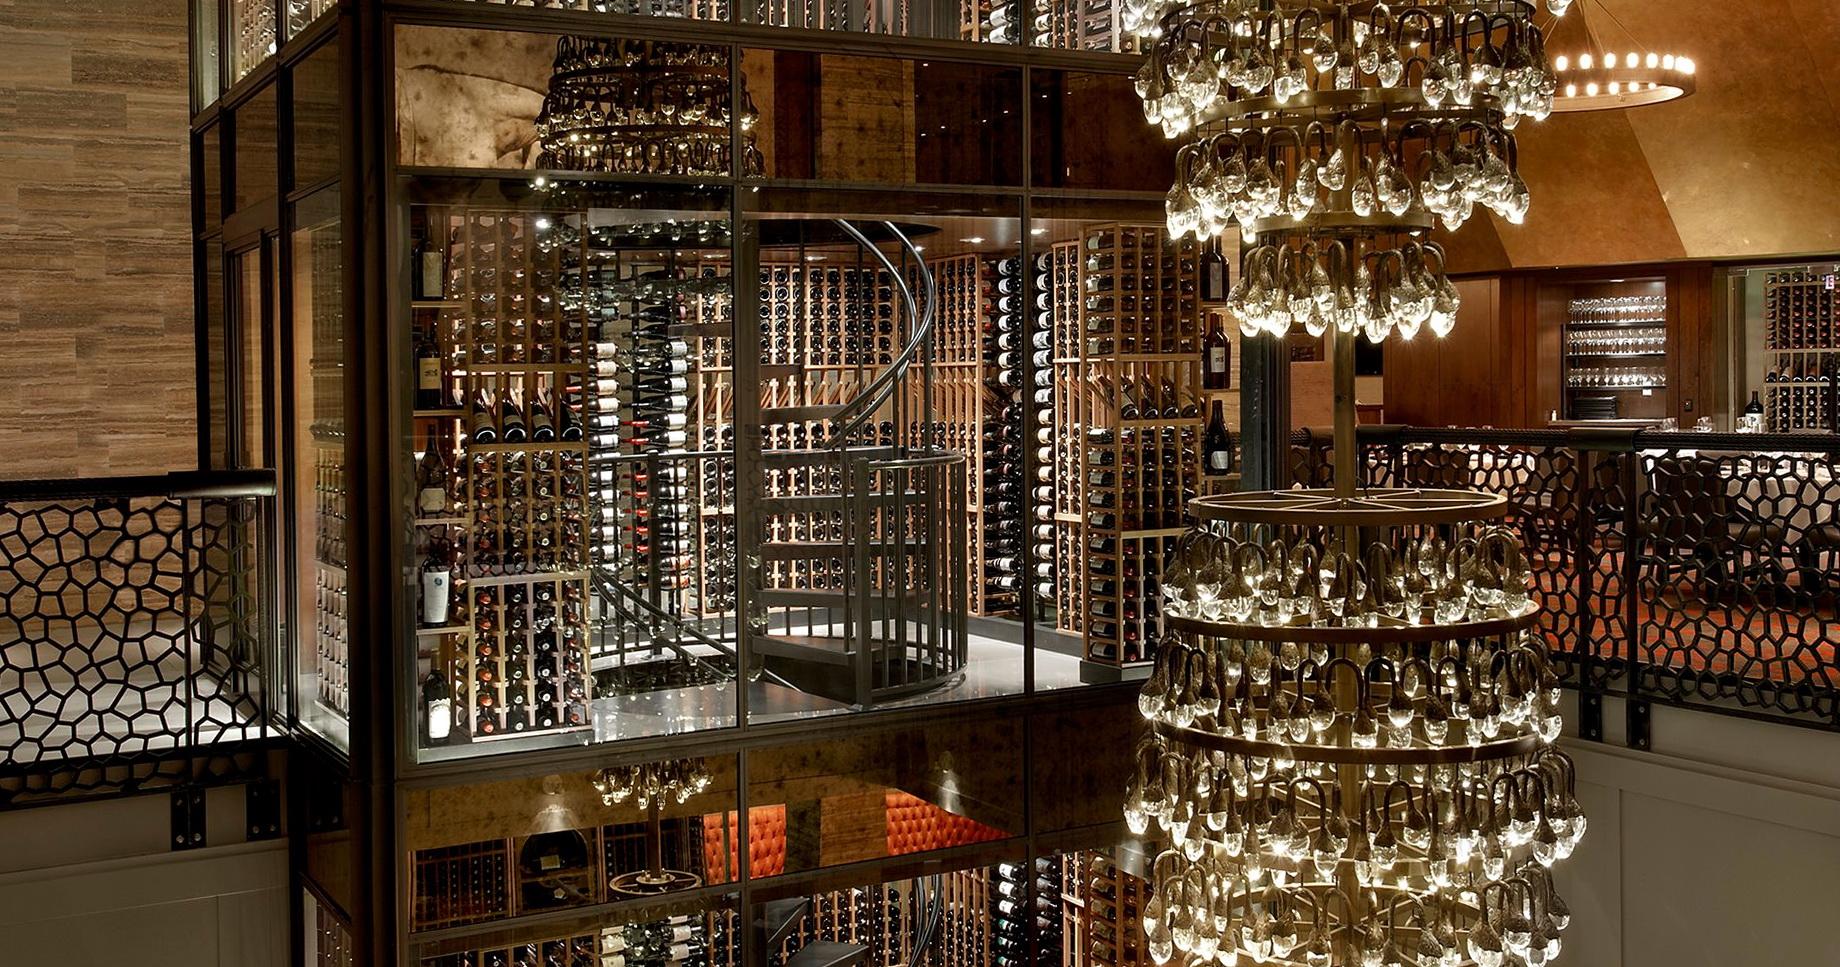 City cellar wine bar grill west palm beach fl home design ideas - City cellar wine bar grill ...